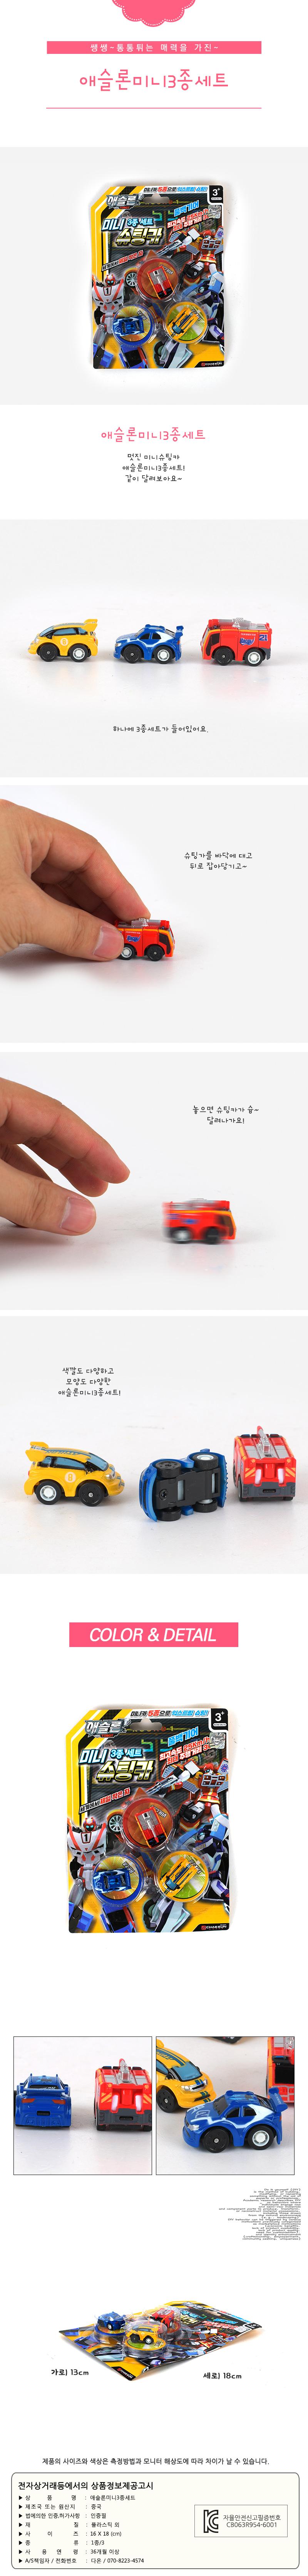 애슬론미니3종세트 - 아토, 8,000원, 작동완구, 태엽장난감